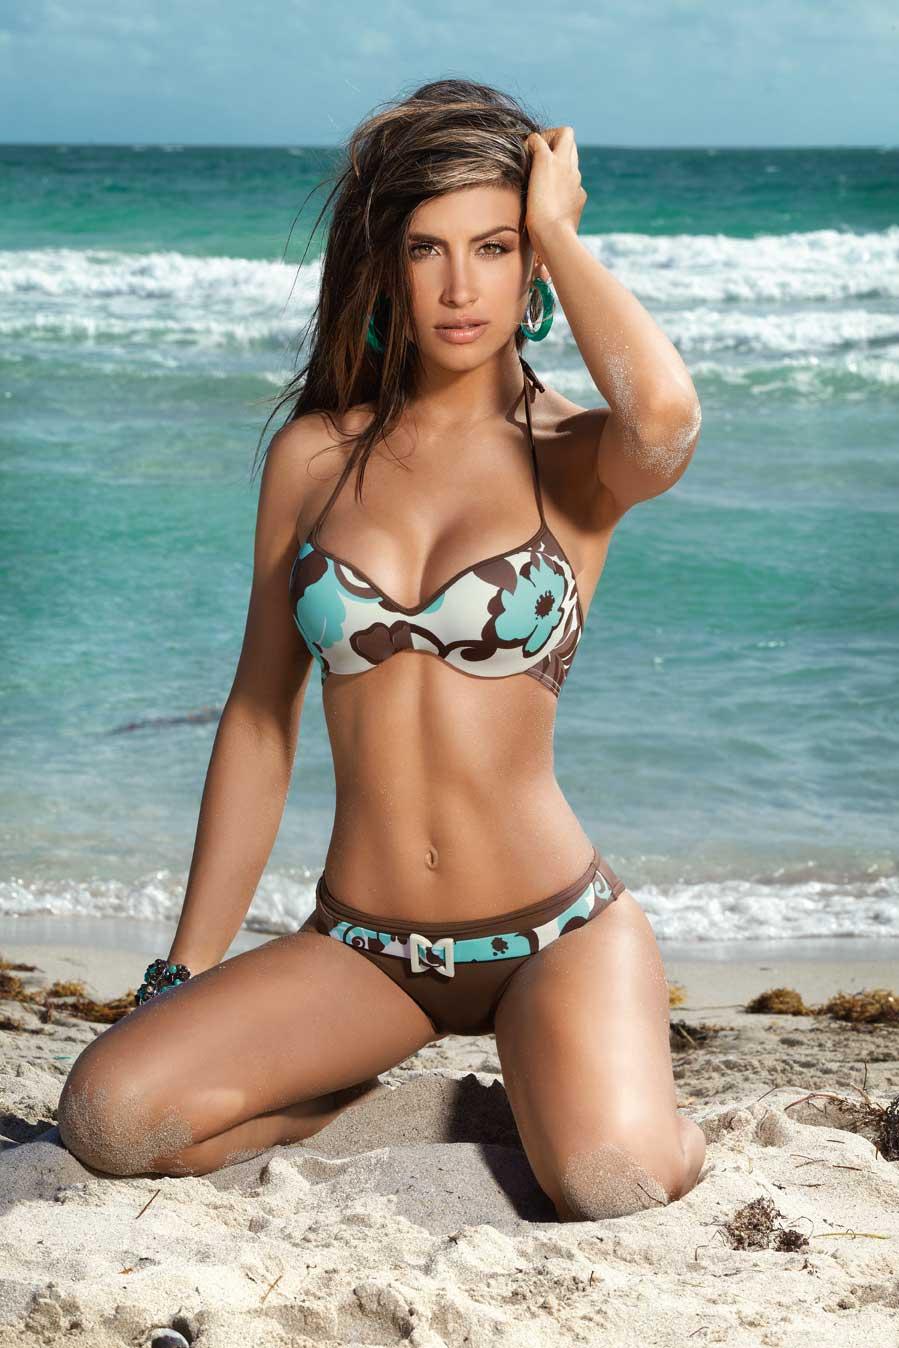 Bikini Photo Gallery 31